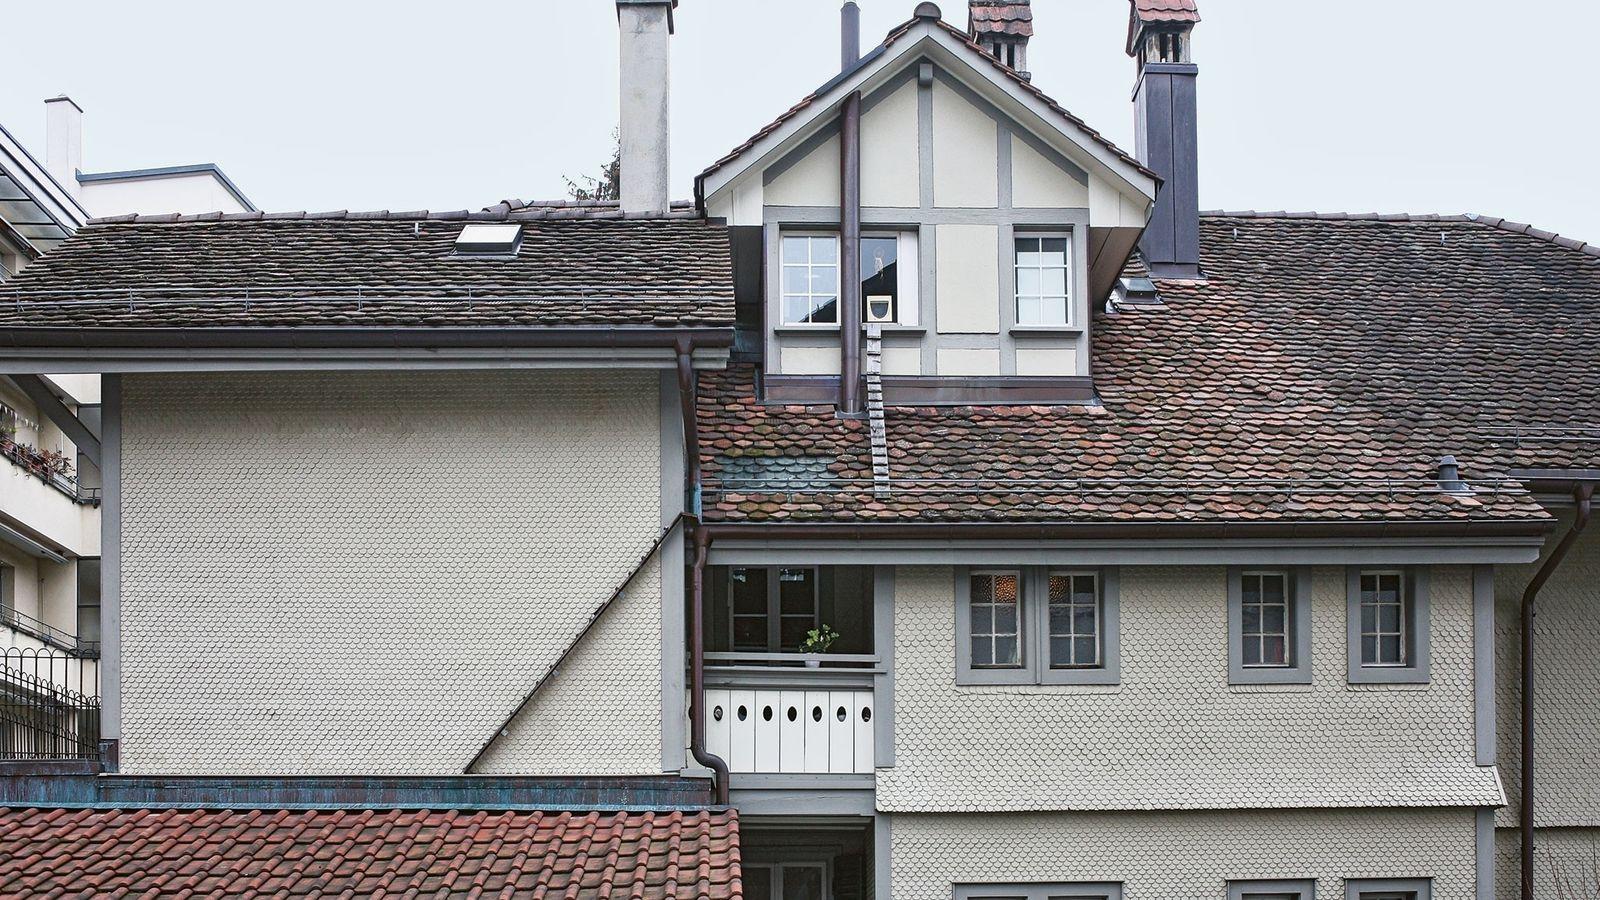 Estas escadas ligam vários telhados para ajudar os gatos a terem acesso às janelas.